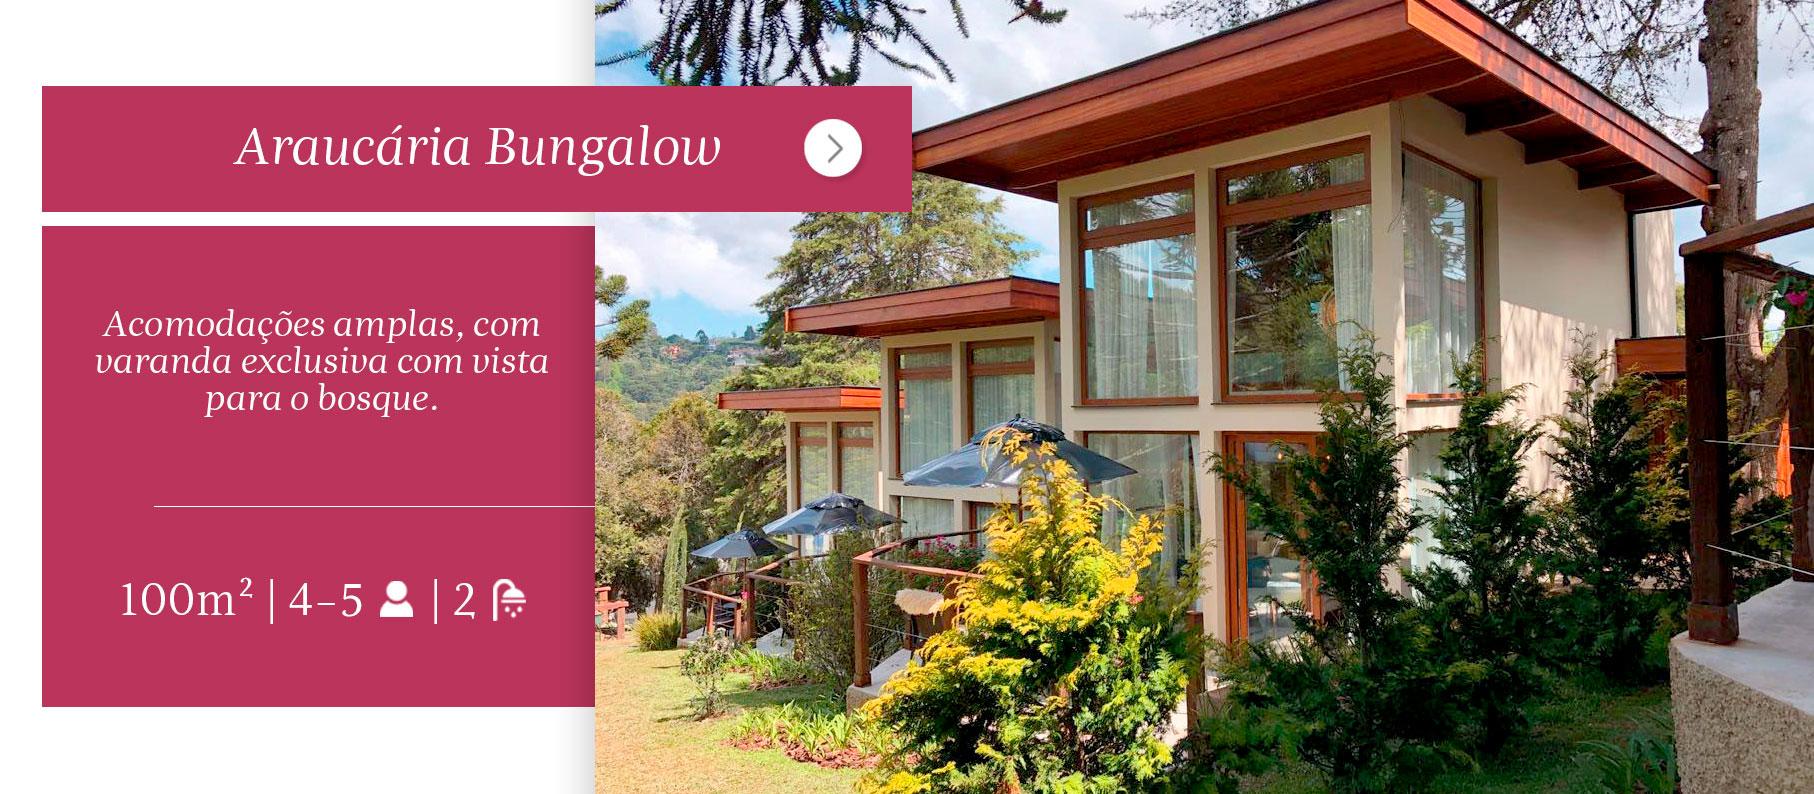 araucaria-bangalow-hotel-boutique-quebra-noz-conforto-e-natureza-3